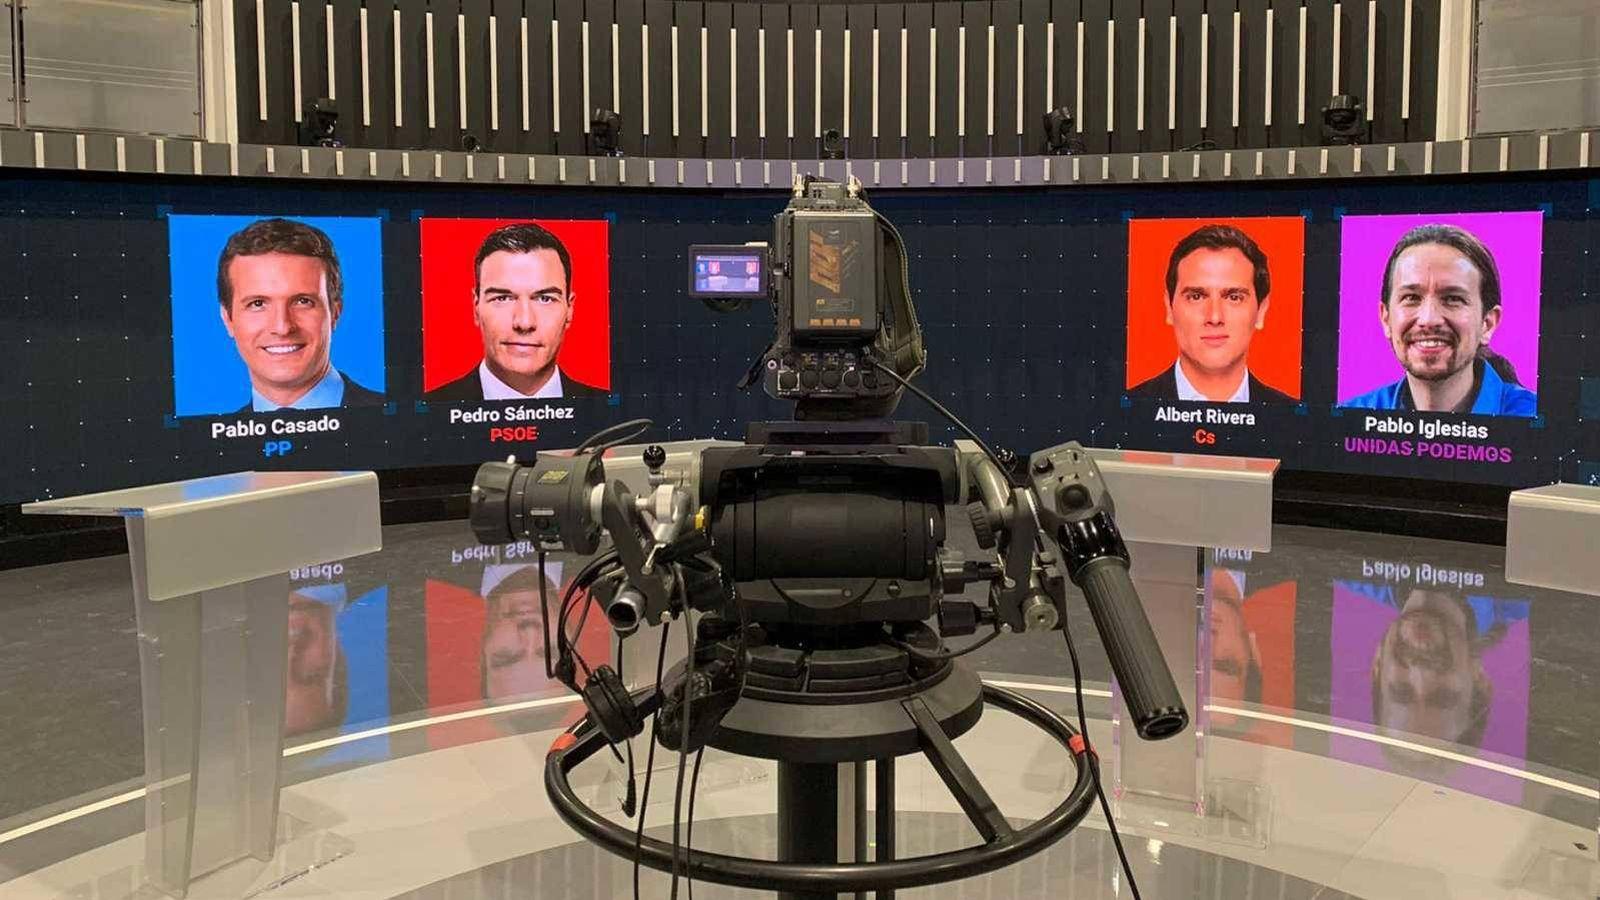 Foto: Plató del debate electoral celebrado en La 1 en las pasadas elecciones. (TVE)